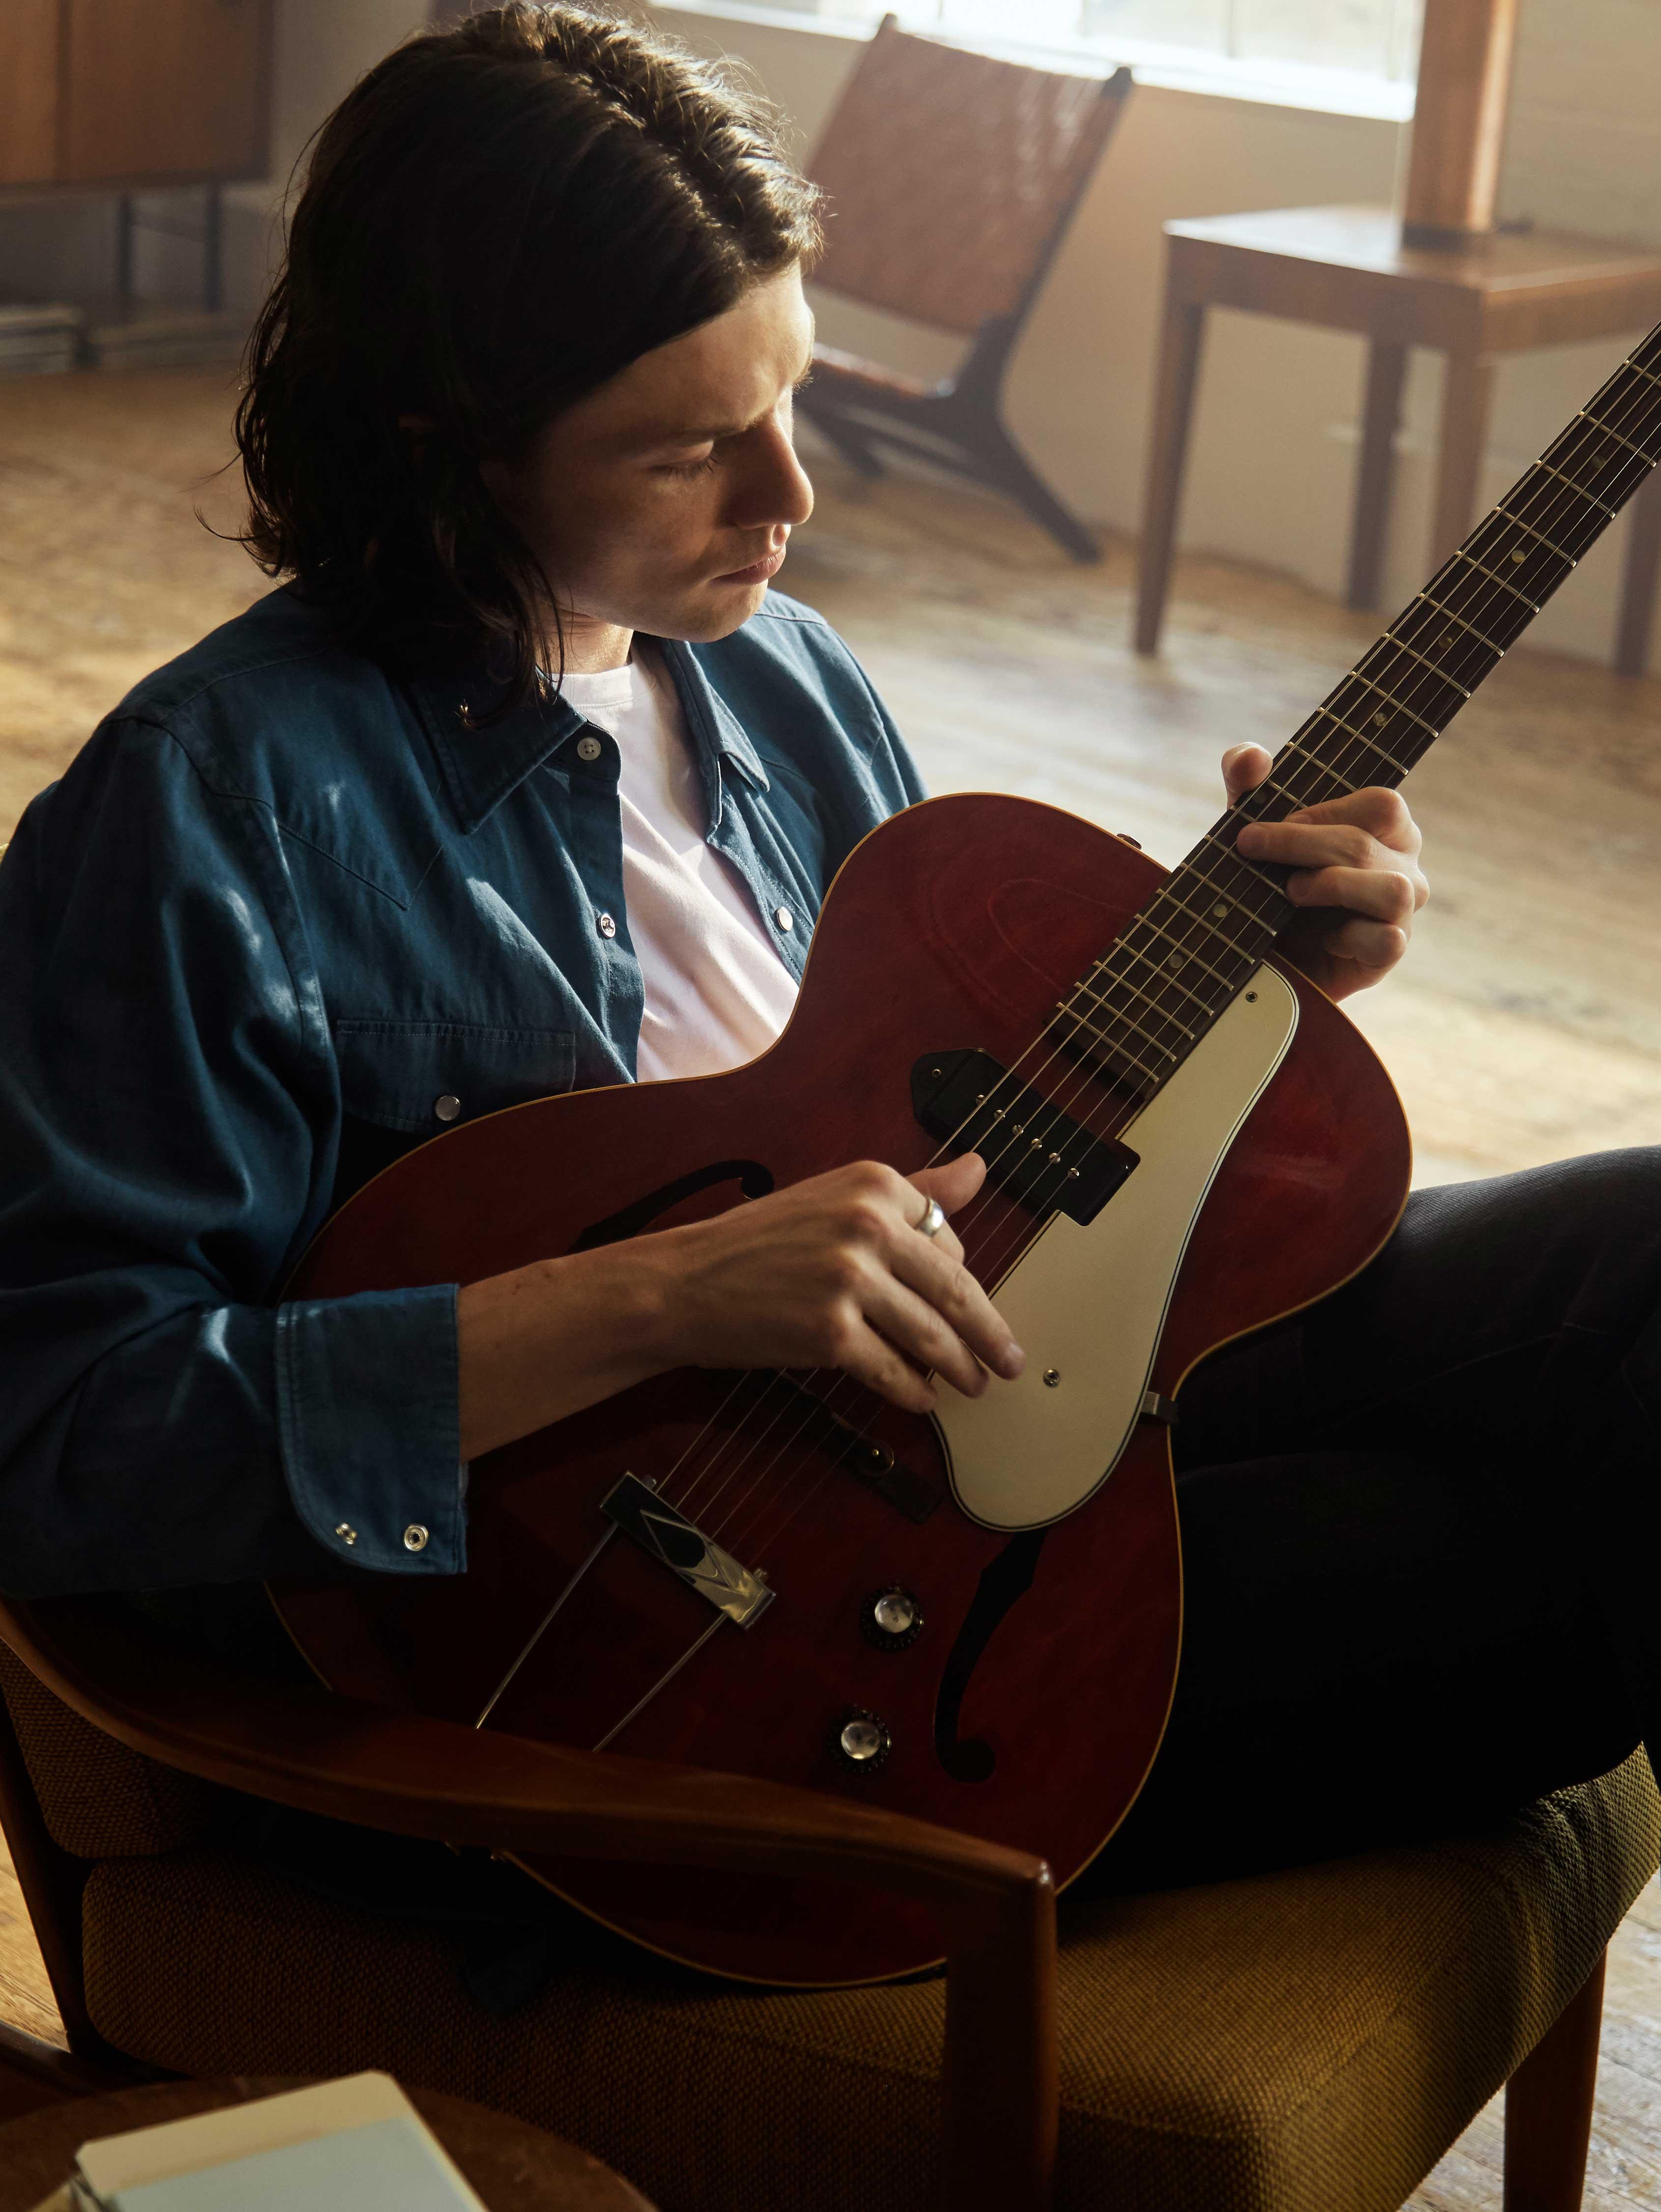 James Bay sitter på en stol och spelar gitarr